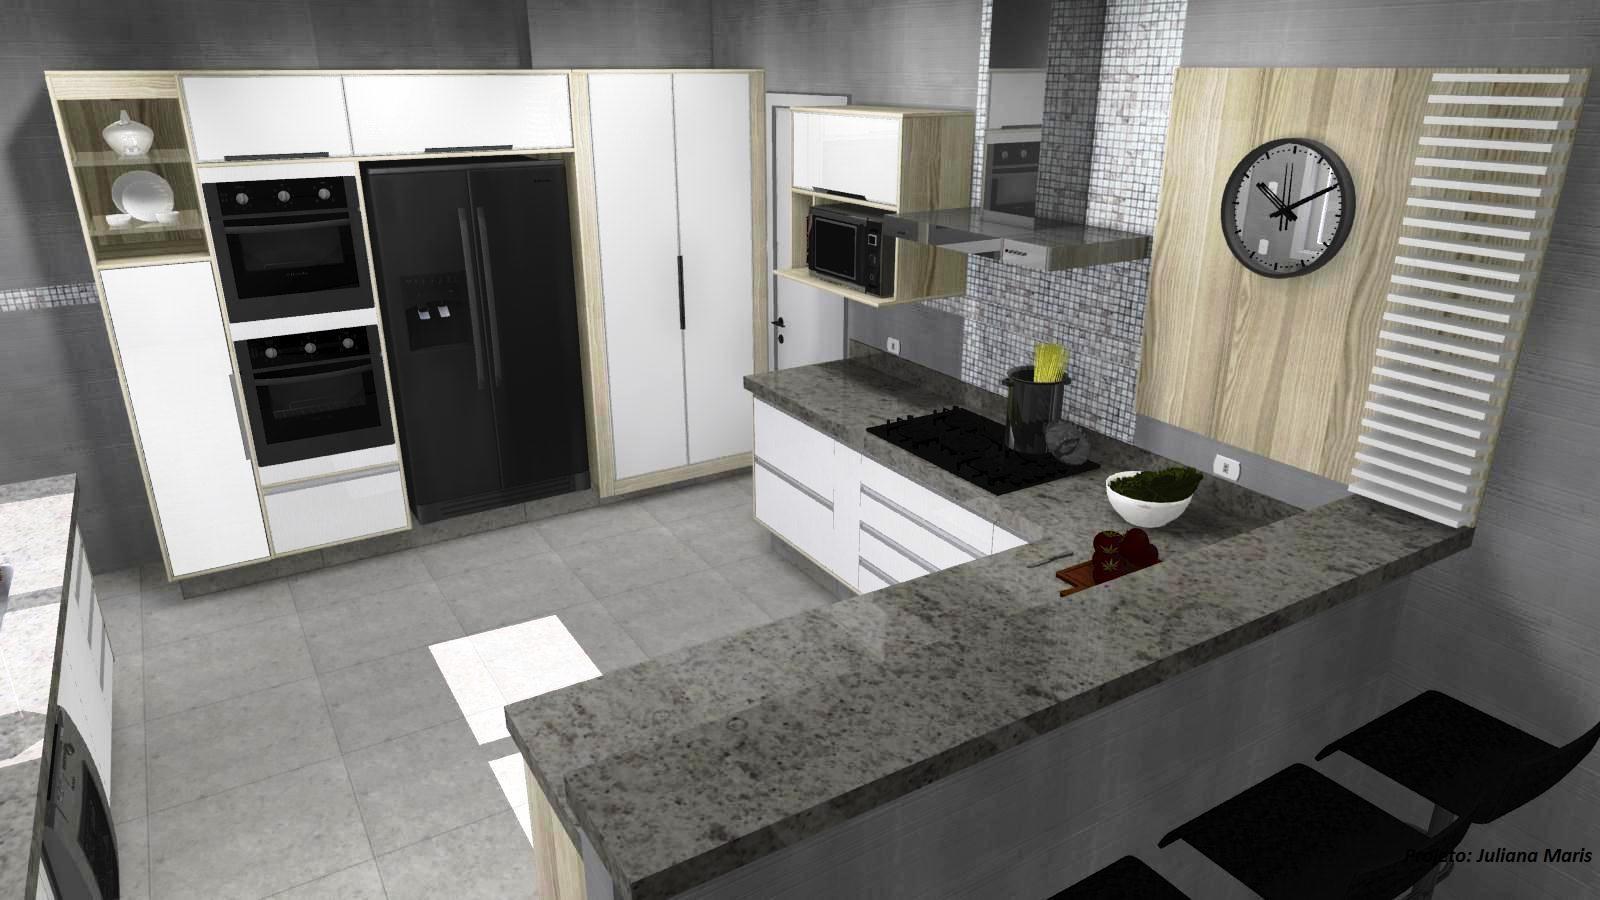 Cozinha Gourmet Com Interna A Bancada No Centro Da Cozinha Gourmet